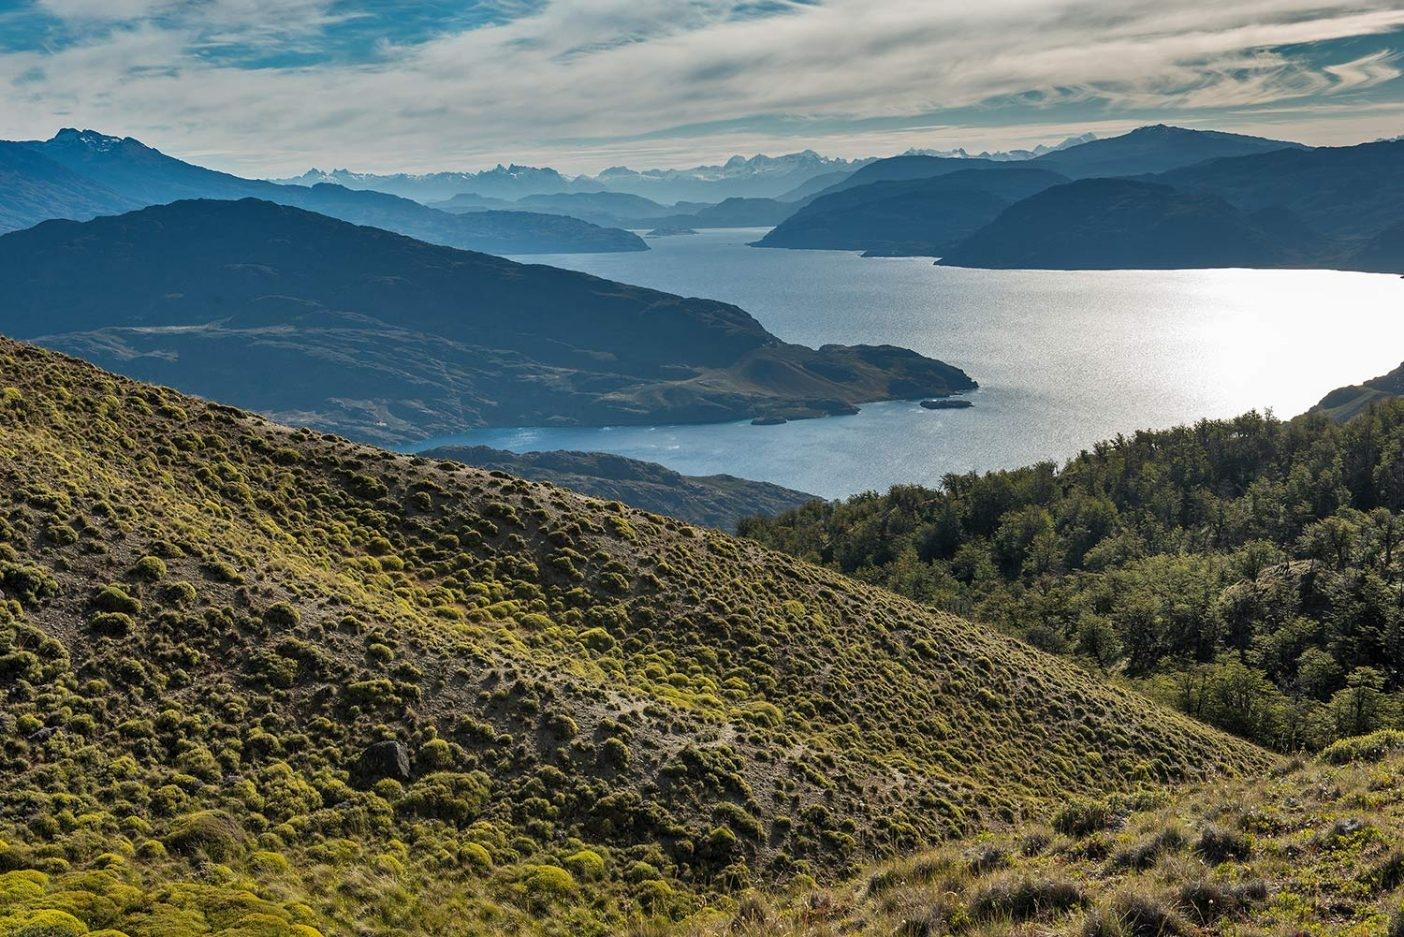 どこに滞在しても、公園の草原の渓谷と高山の湖をつなぐ何キロものトレイルがある。たとえばラゴ・チコ・ループは、チコ湖の周囲を歩く12キロの景観に優れたハイク、あるいは展望台までの短い散歩道でもある。Photo: Tompkins Conservation